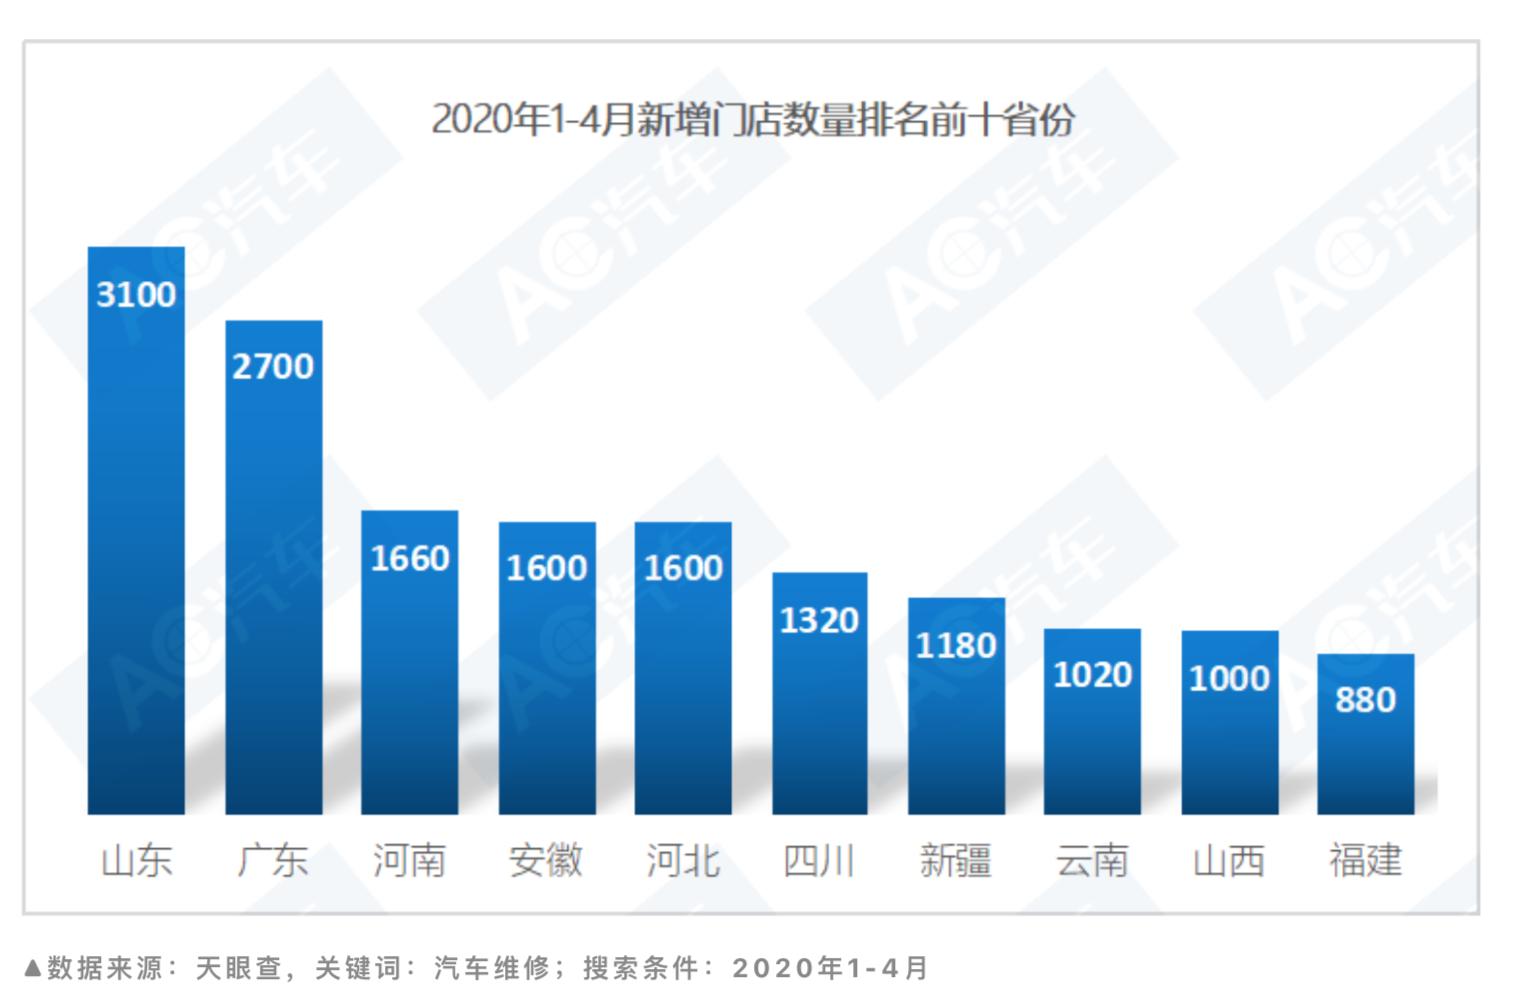 2020年1-4月新增门店数量排名前十省份(一)